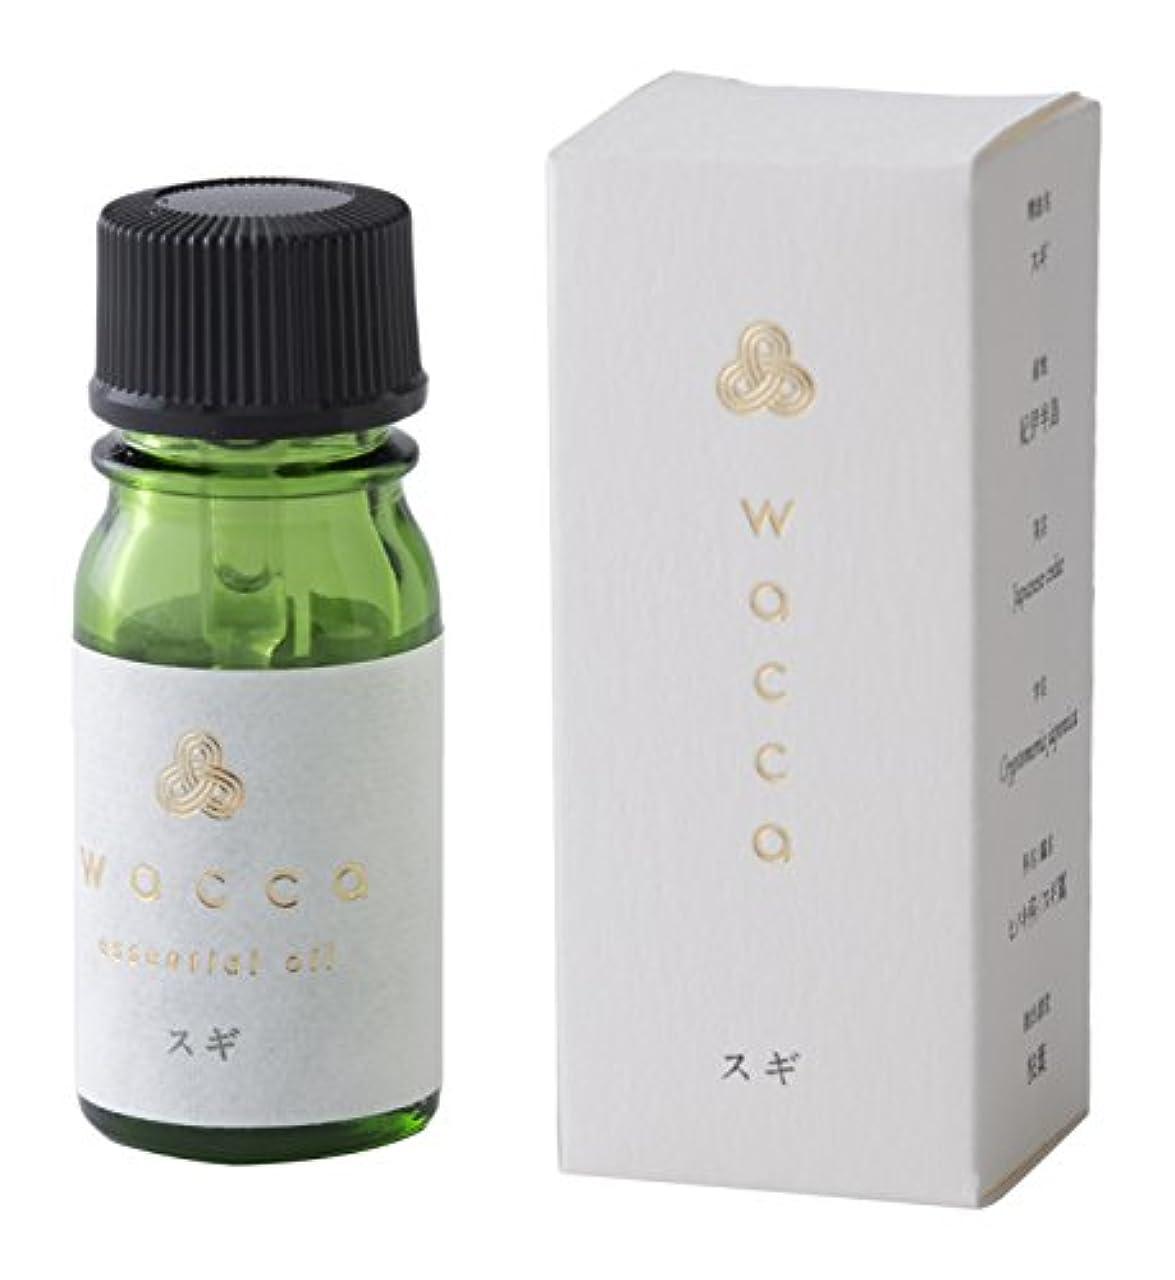 甘味閲覧する永久にwacca ワッカ エッセンシャルオイル 5ml 杉 スギ Japanese cedar essential oil 和精油 KUSU HANDMADE